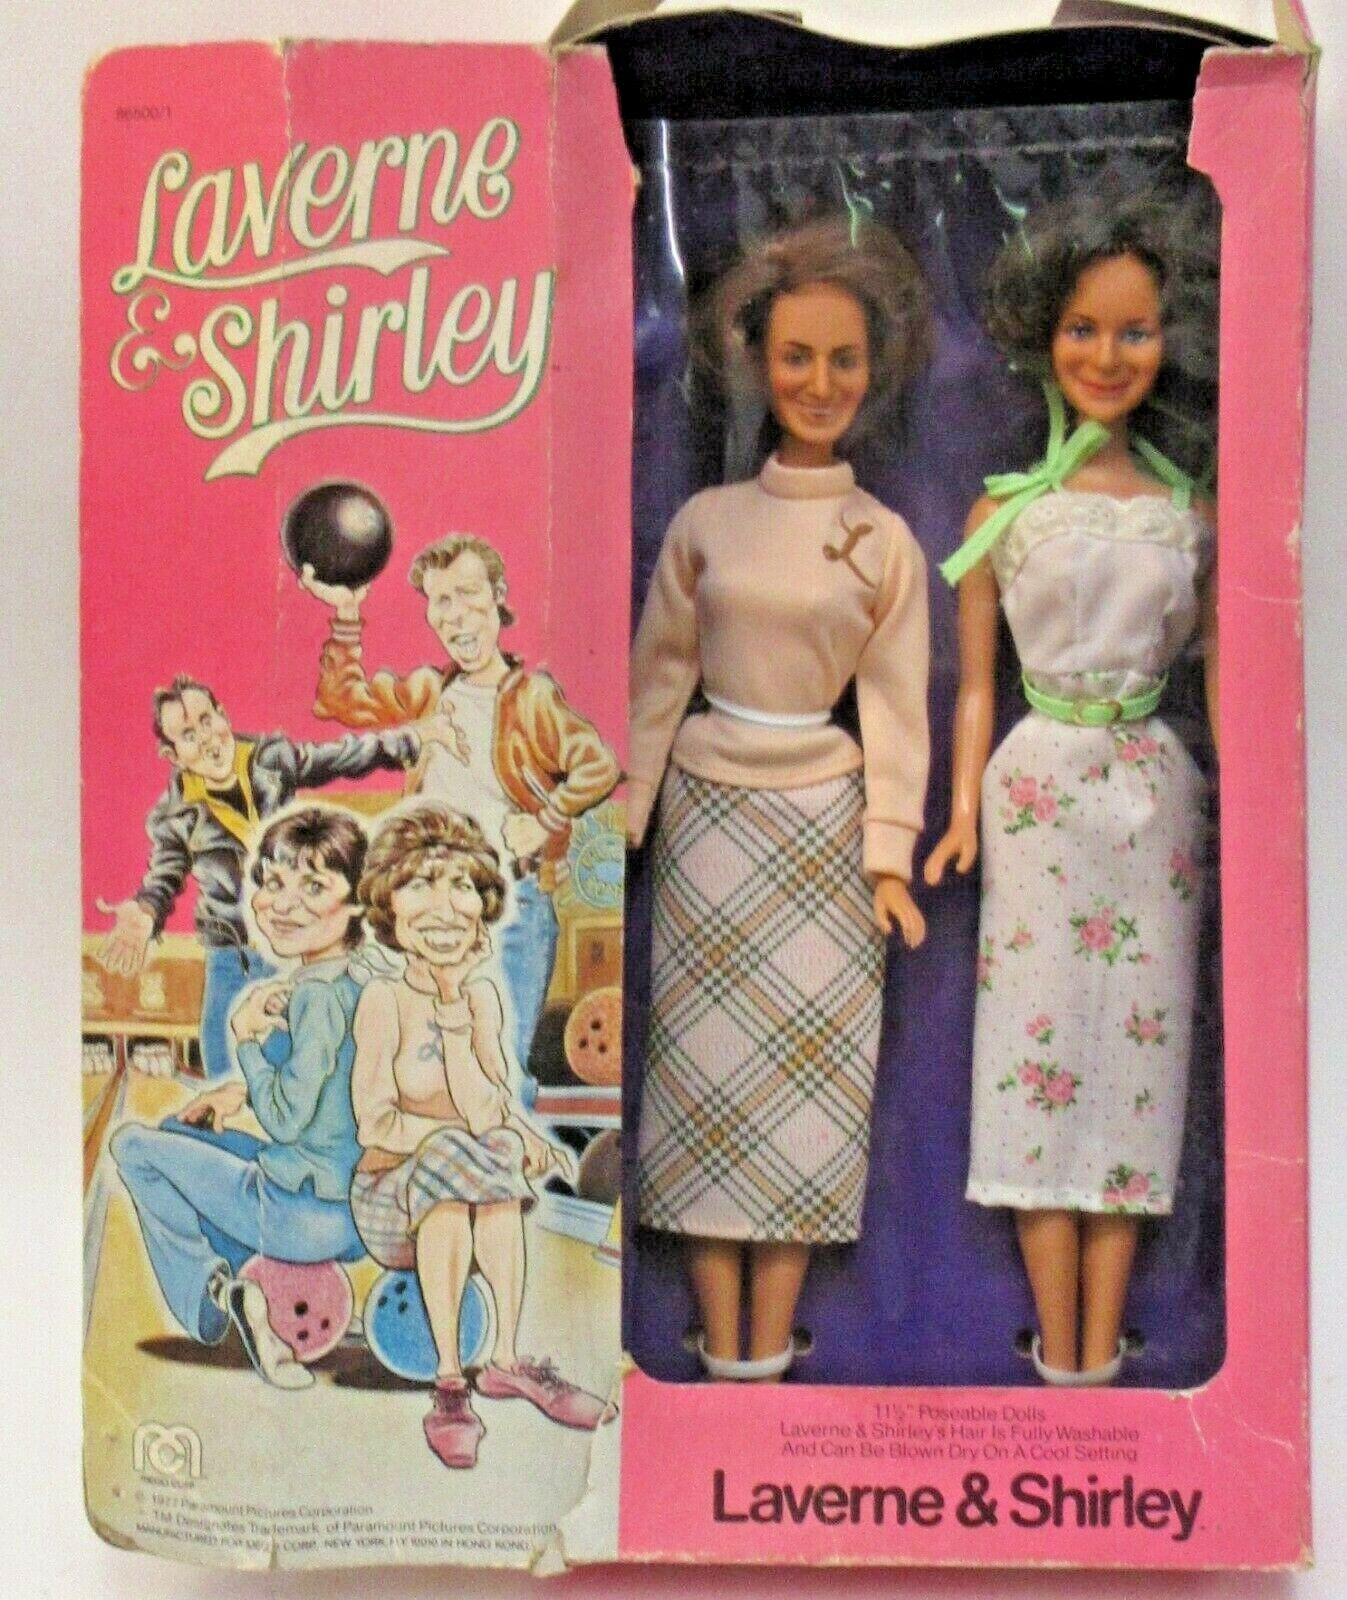 1977 Mego del Laverne & Shirley TV Show De Figuras De Acción Muñeca 11.5  Menta con pobres Caja r2